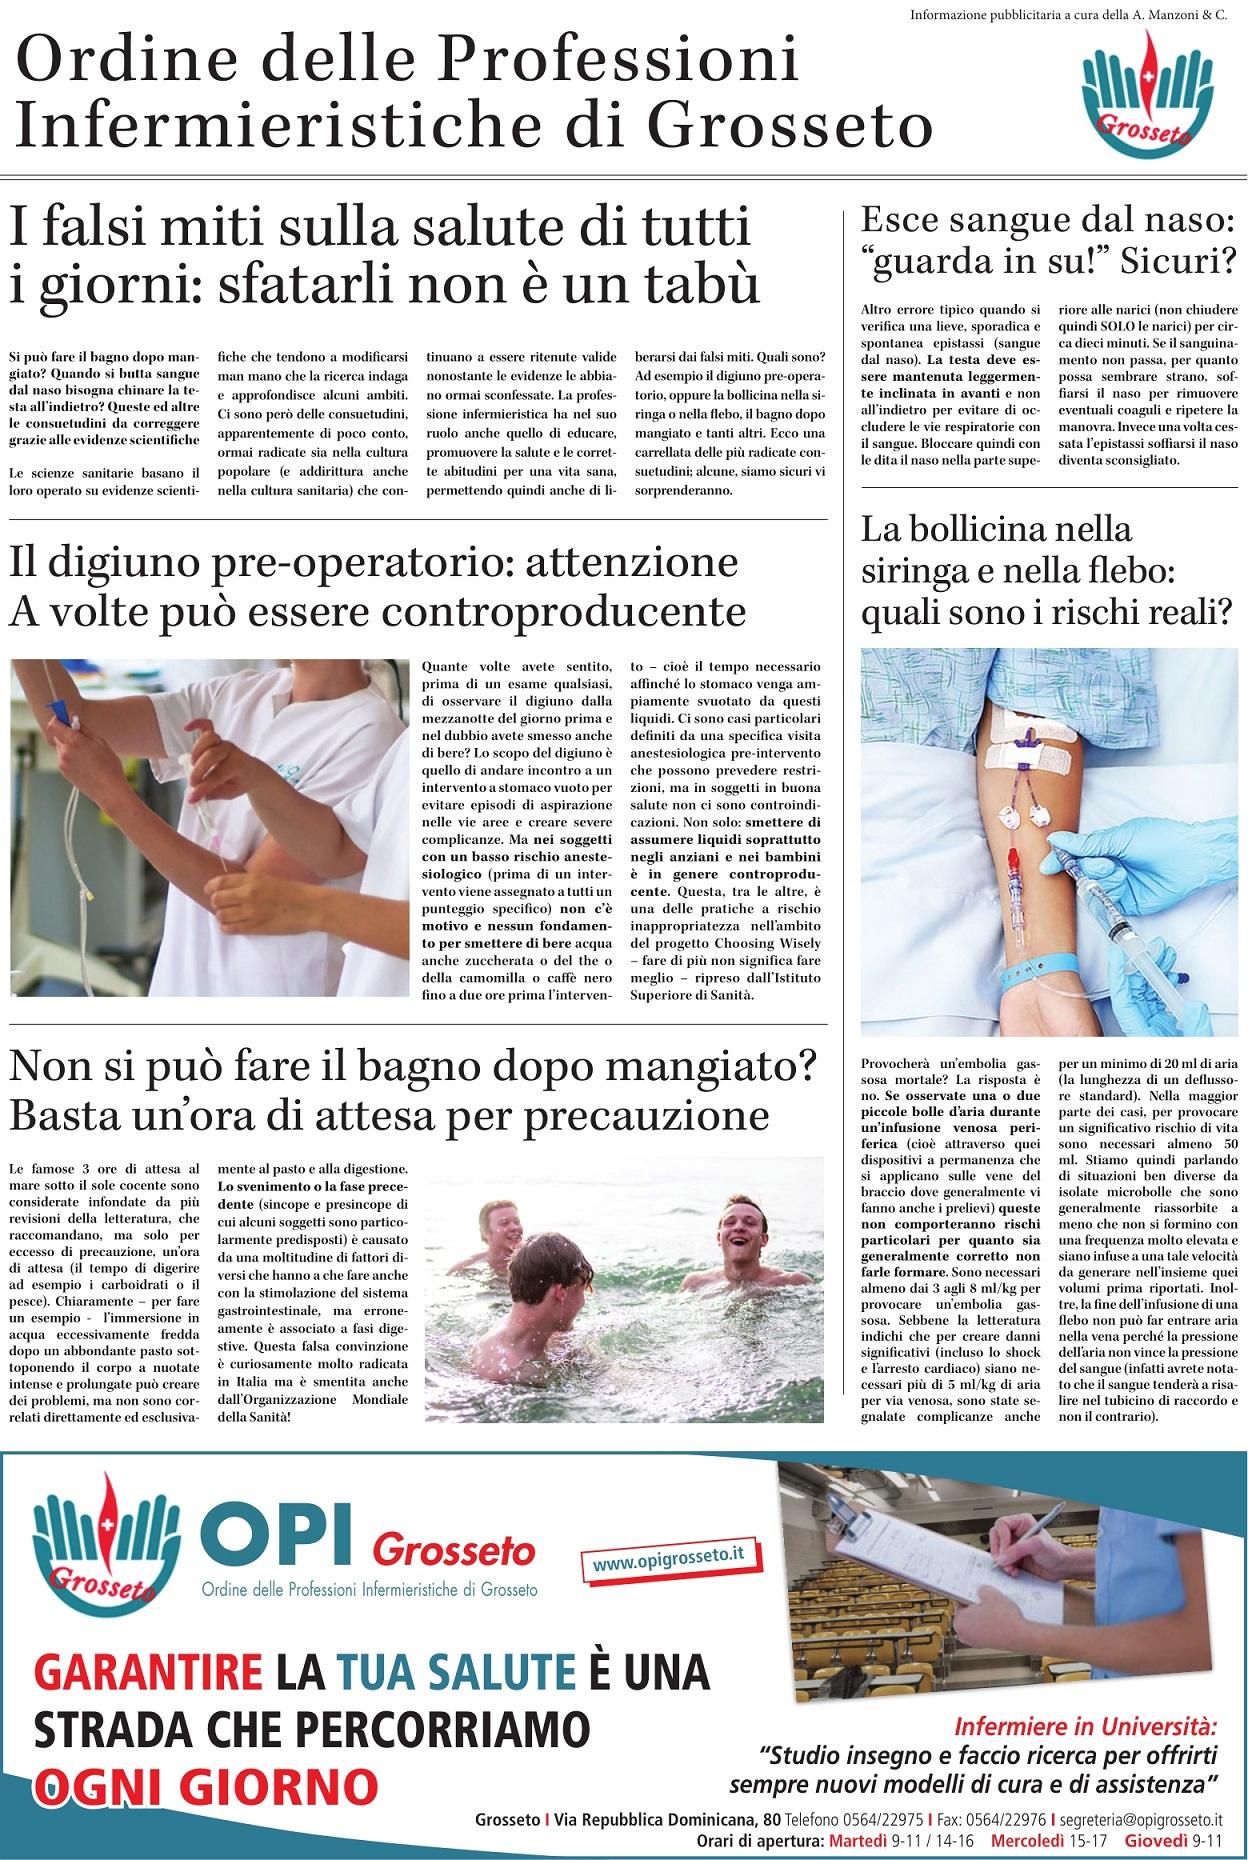 Ordini Infermieri 16.10 1